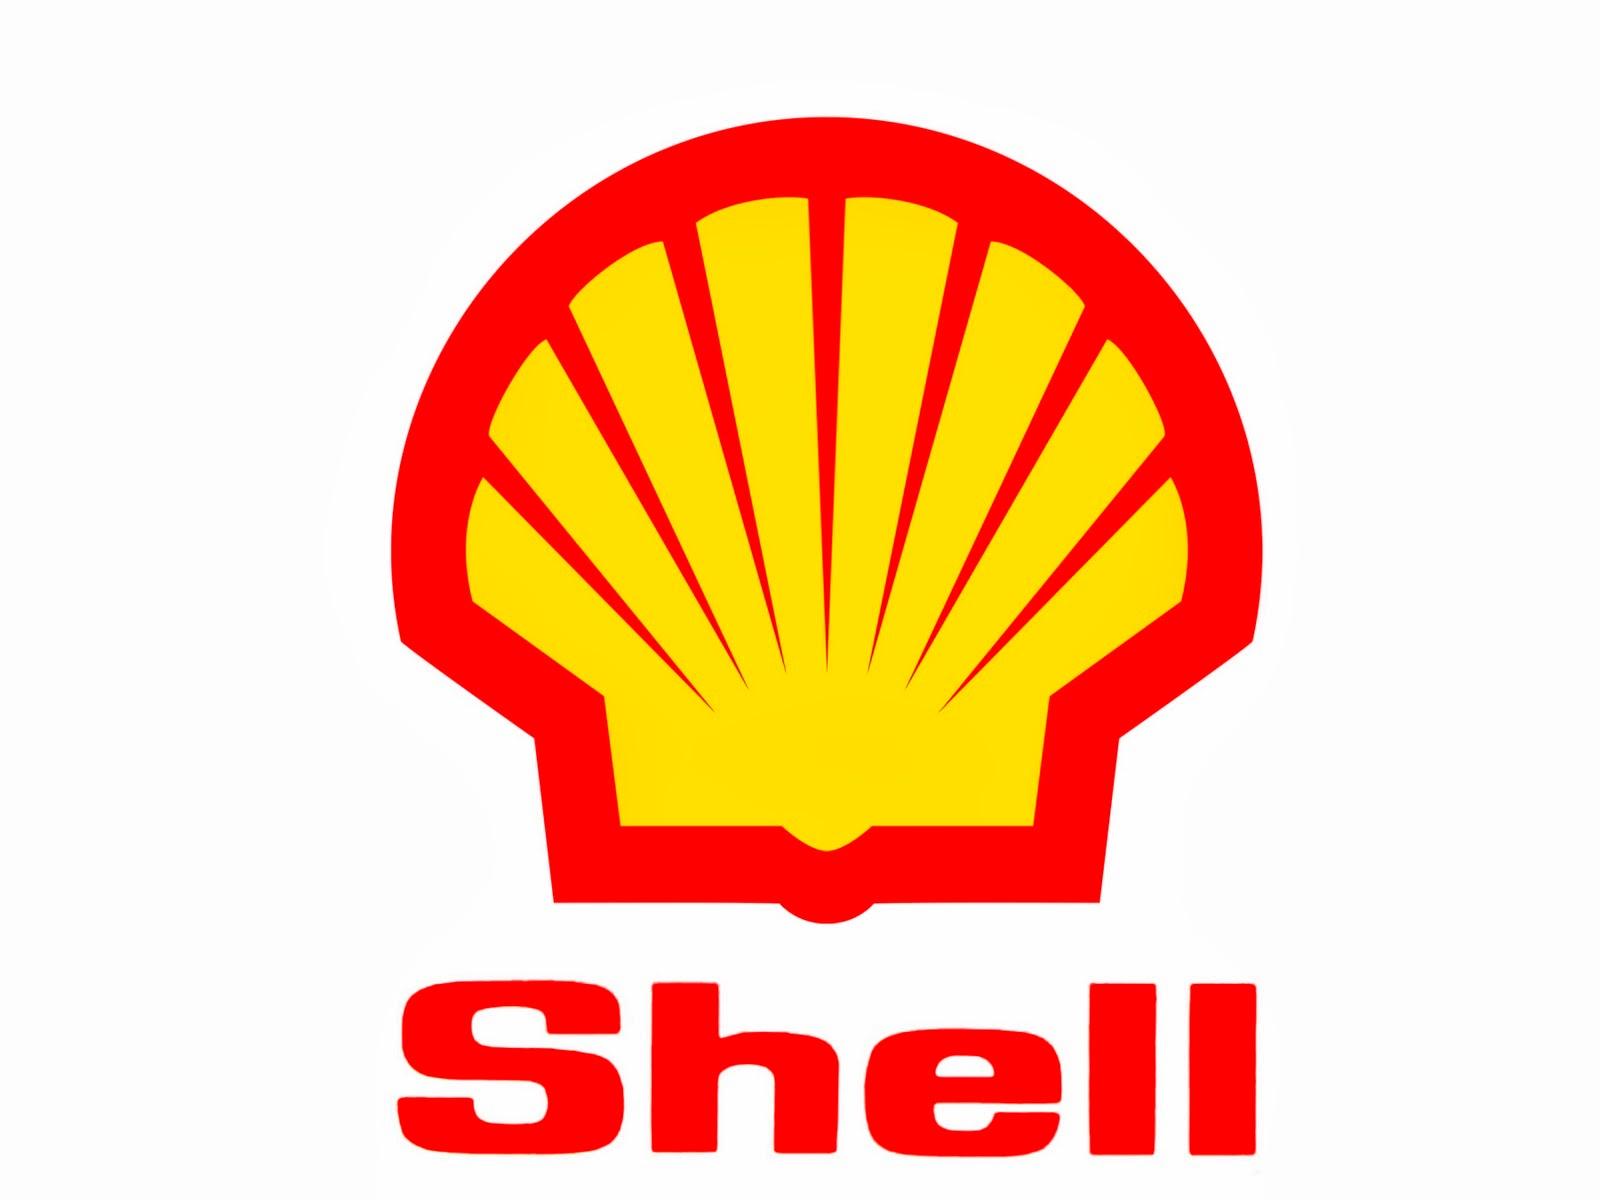 shell_oil_2.jpg